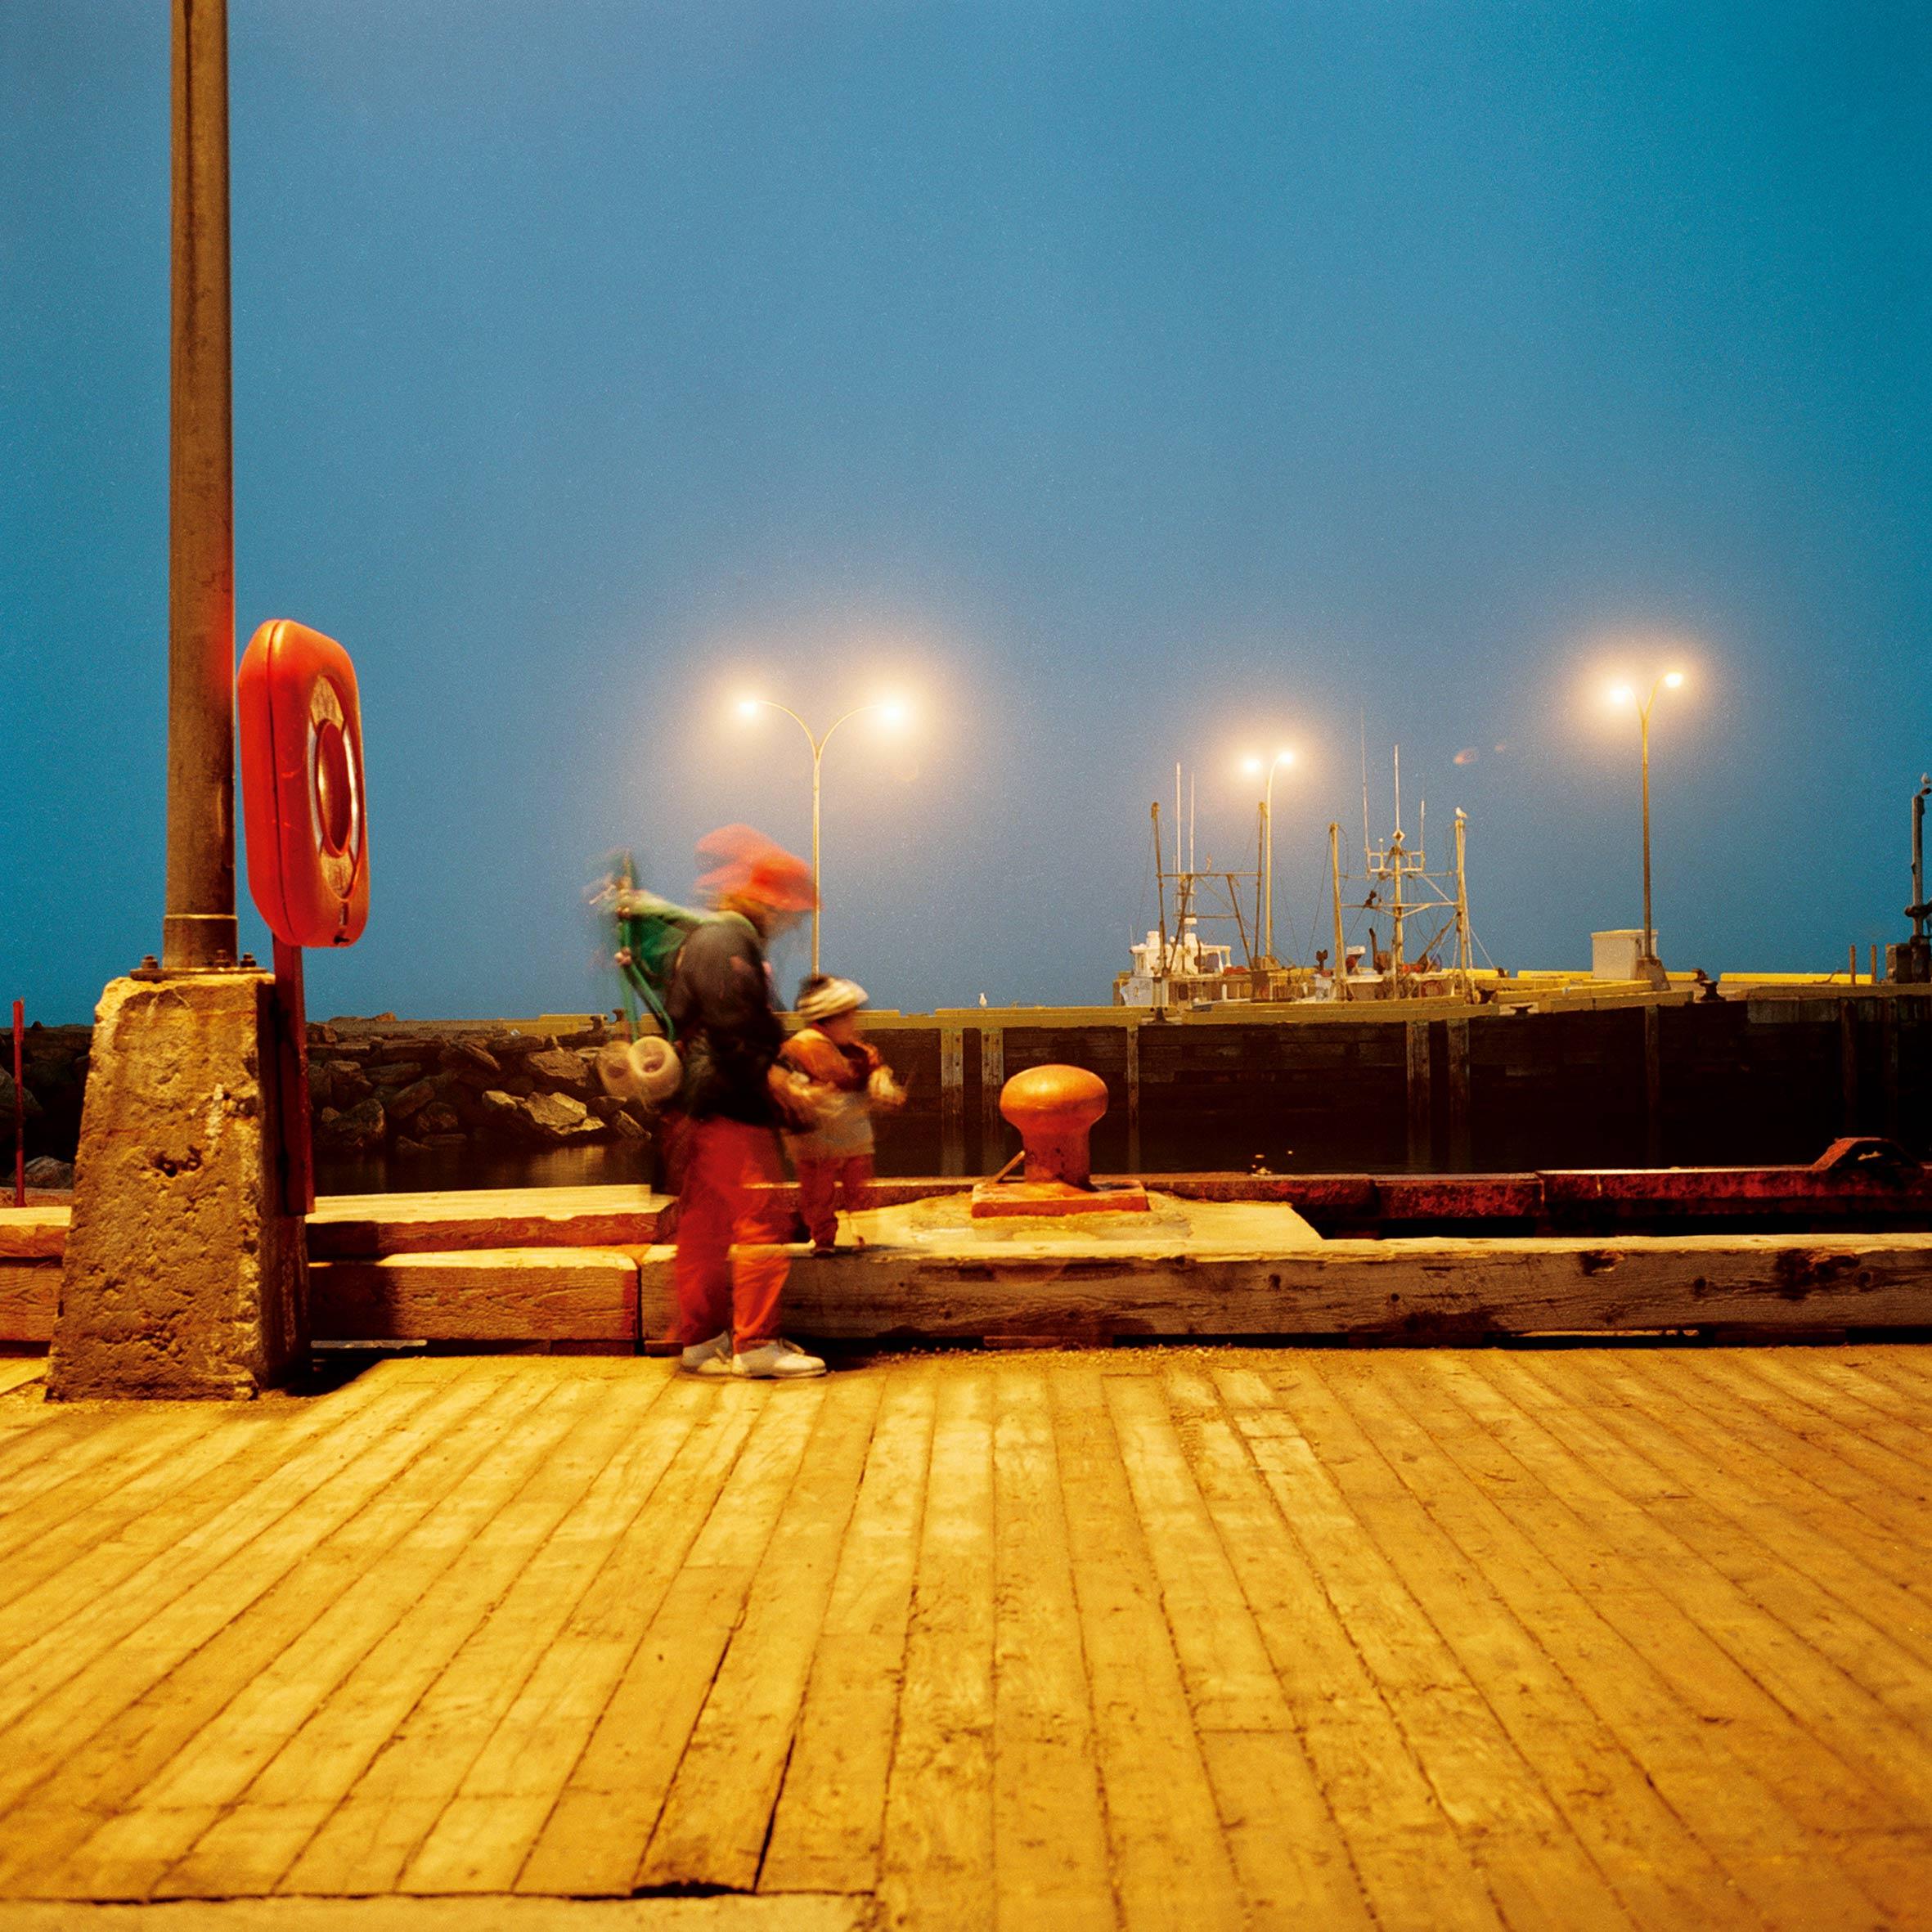 marcher créer, périple autobiographique, territoire du Labrador au Québec, paysage, nuit, port, mer, fleuve, portrait intime